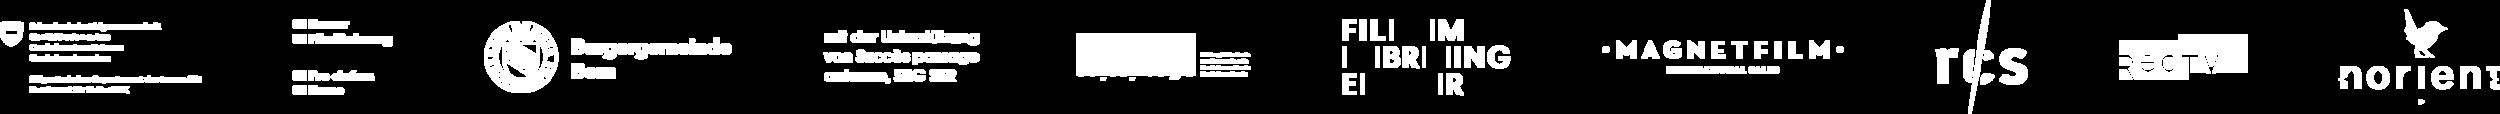 CONTRADICT Logos Website weiss.png